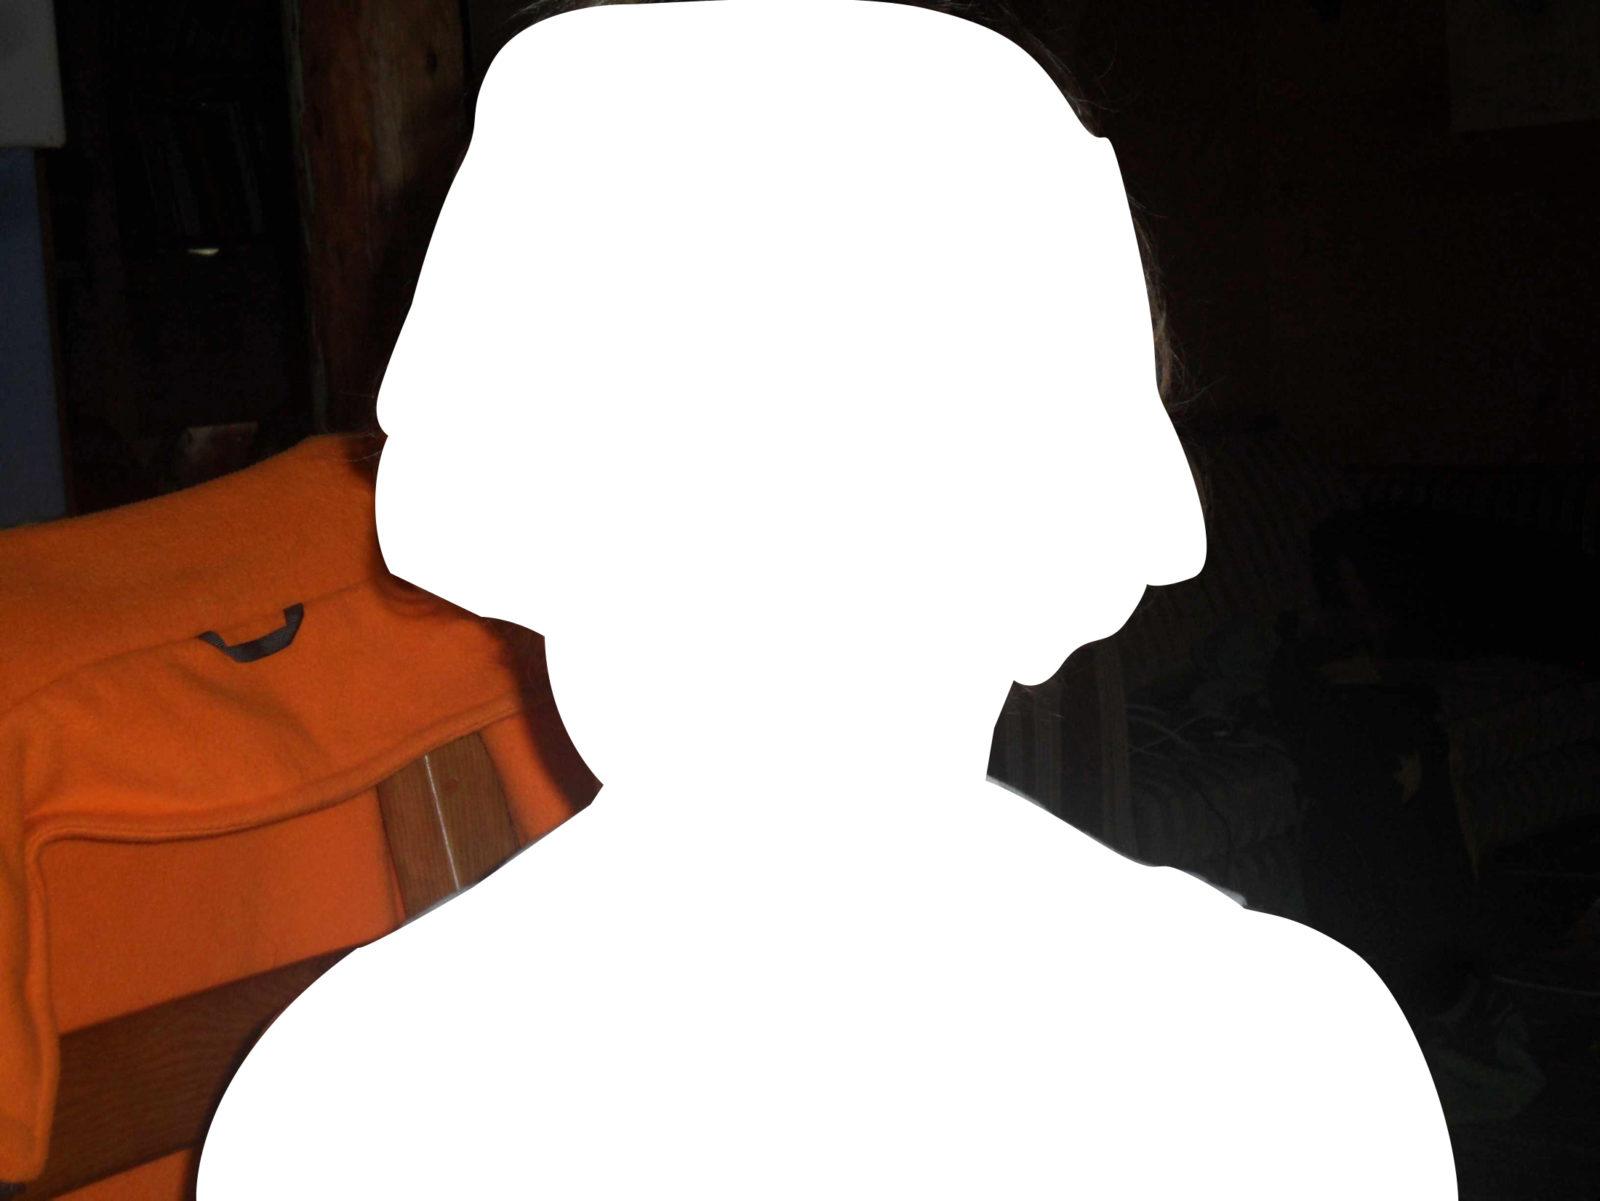 HANDOUT - Der vermisste 12-jaehrige Paul Schickling aus Gunzgen (SO), undatiertes Handout. Die Solothurner Staatsanwaltschaft hat im Fall des seit Samstag vermissten 12-jaehrigen Knaben Paul eine Strafuntersuchung wegen Entfuehrung gegen Unbekannt eroeffnet. Es koenne nicht ausgeschlossen werden, dass sich der Knabe mit jemandem verabredet habe. Die Strafuntersuchung sei aufgrund neuer Hinweise eroeffnet worden, teilte die Staatsanwaltschaft am Mittwoch, 22. Juni 2016, mit. Die Ermittlungen wuerden weiterhin in alle Richtungen und auf Hochtouren laufen. (HANDOUT Kantonspolizei Solothurn) *** NO SALES, DARF NUR MIT VOLLSTAENDIGER QUELLENANGABE VERWENDET WERDEN ***